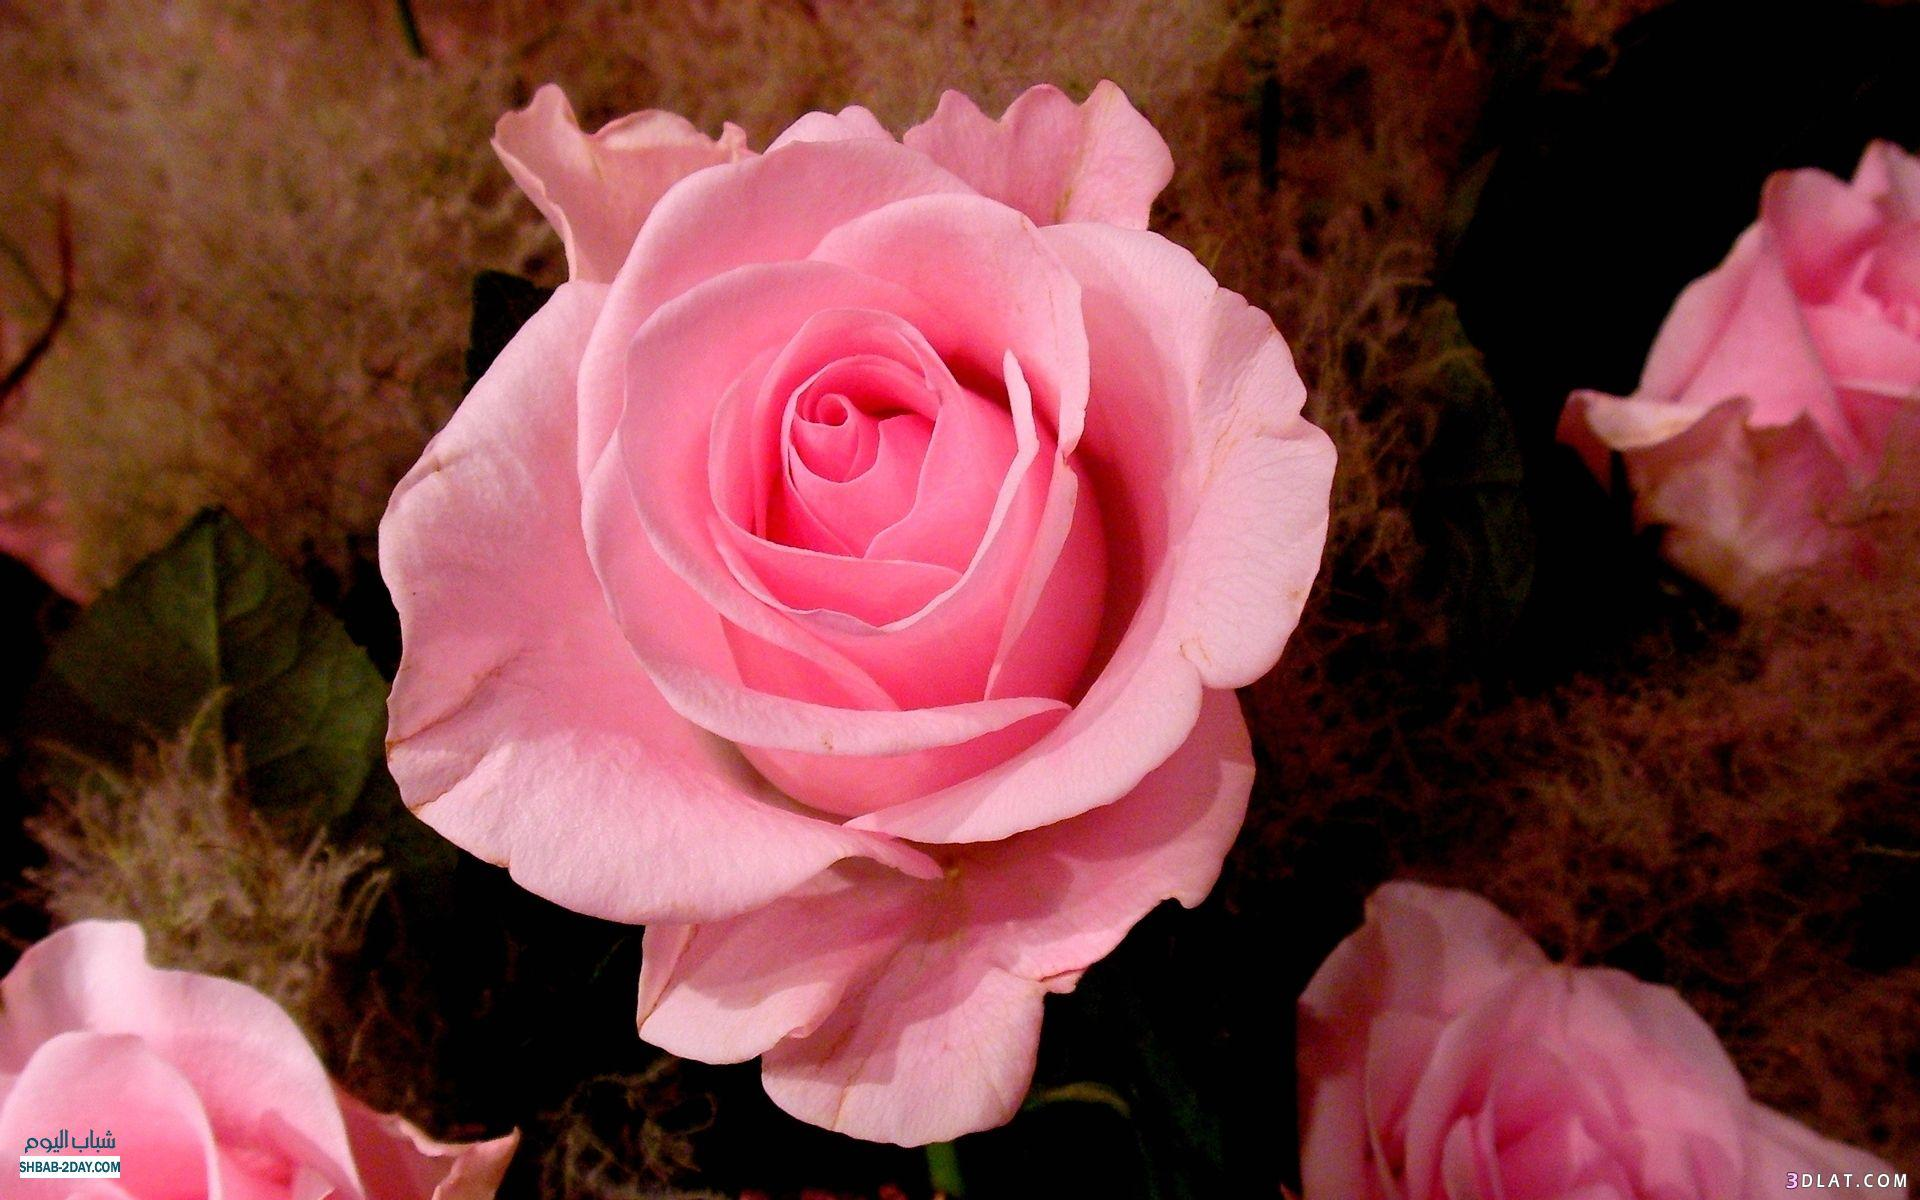 اكبر مجموعة الورد الرائعة لسطح المكتب 13661418221.jpg